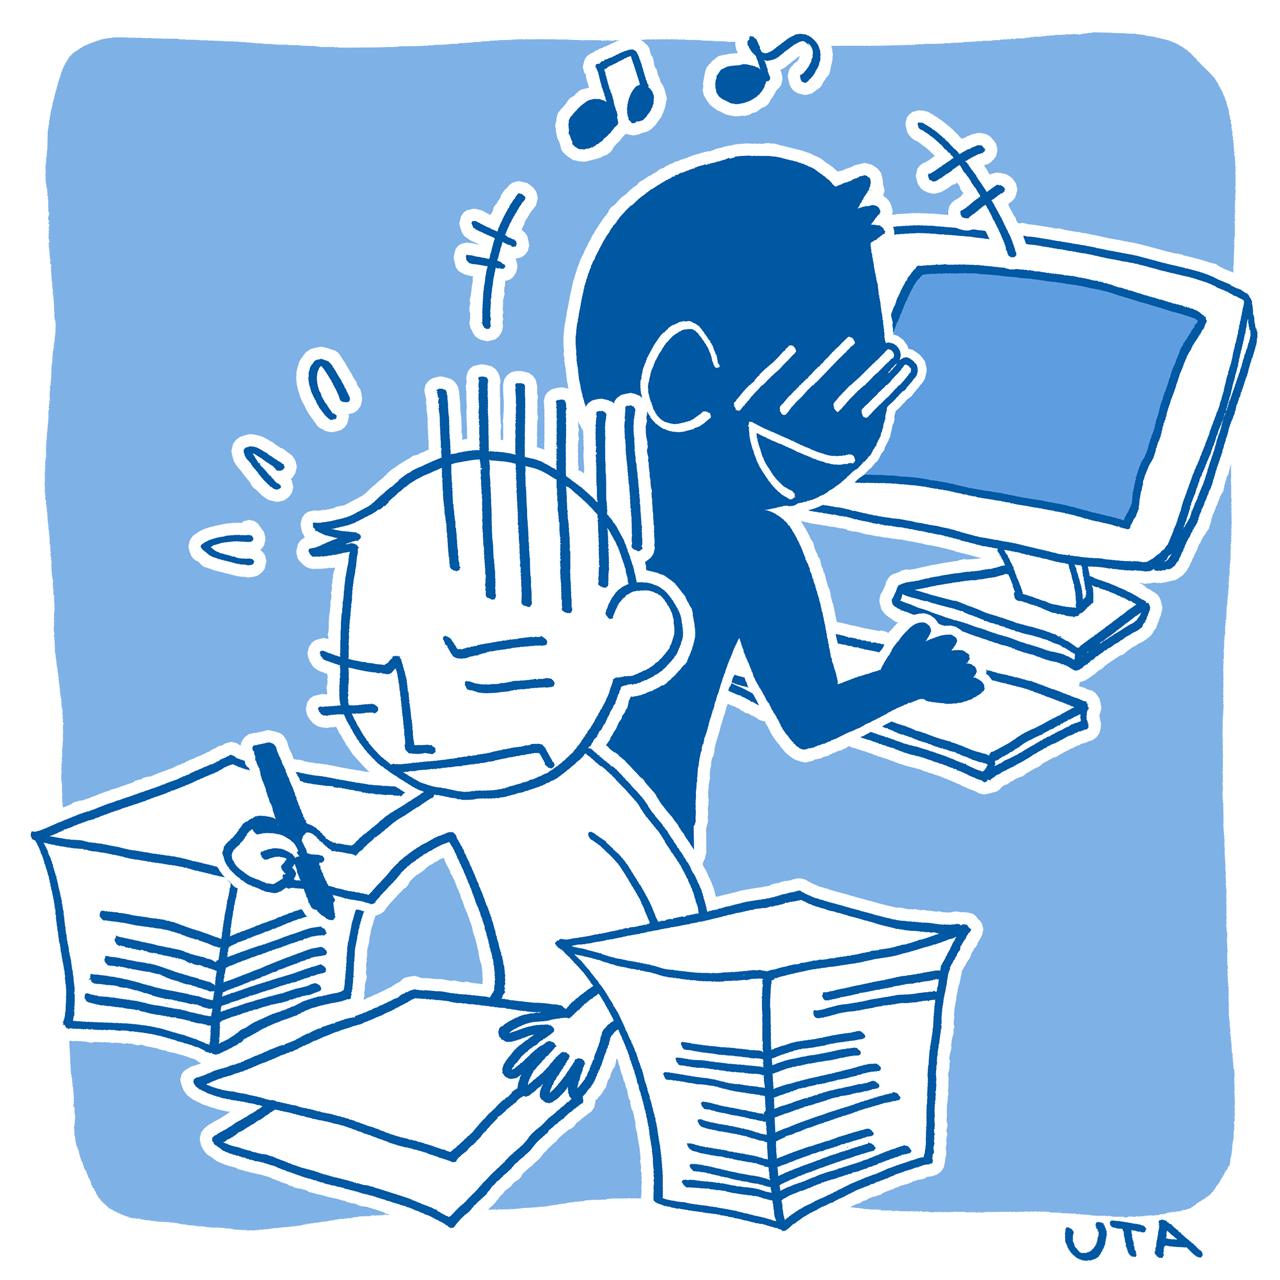 続けられた理由は「仕事が楽しくなかったから」──カーネルハッカー・小崎資広(3)